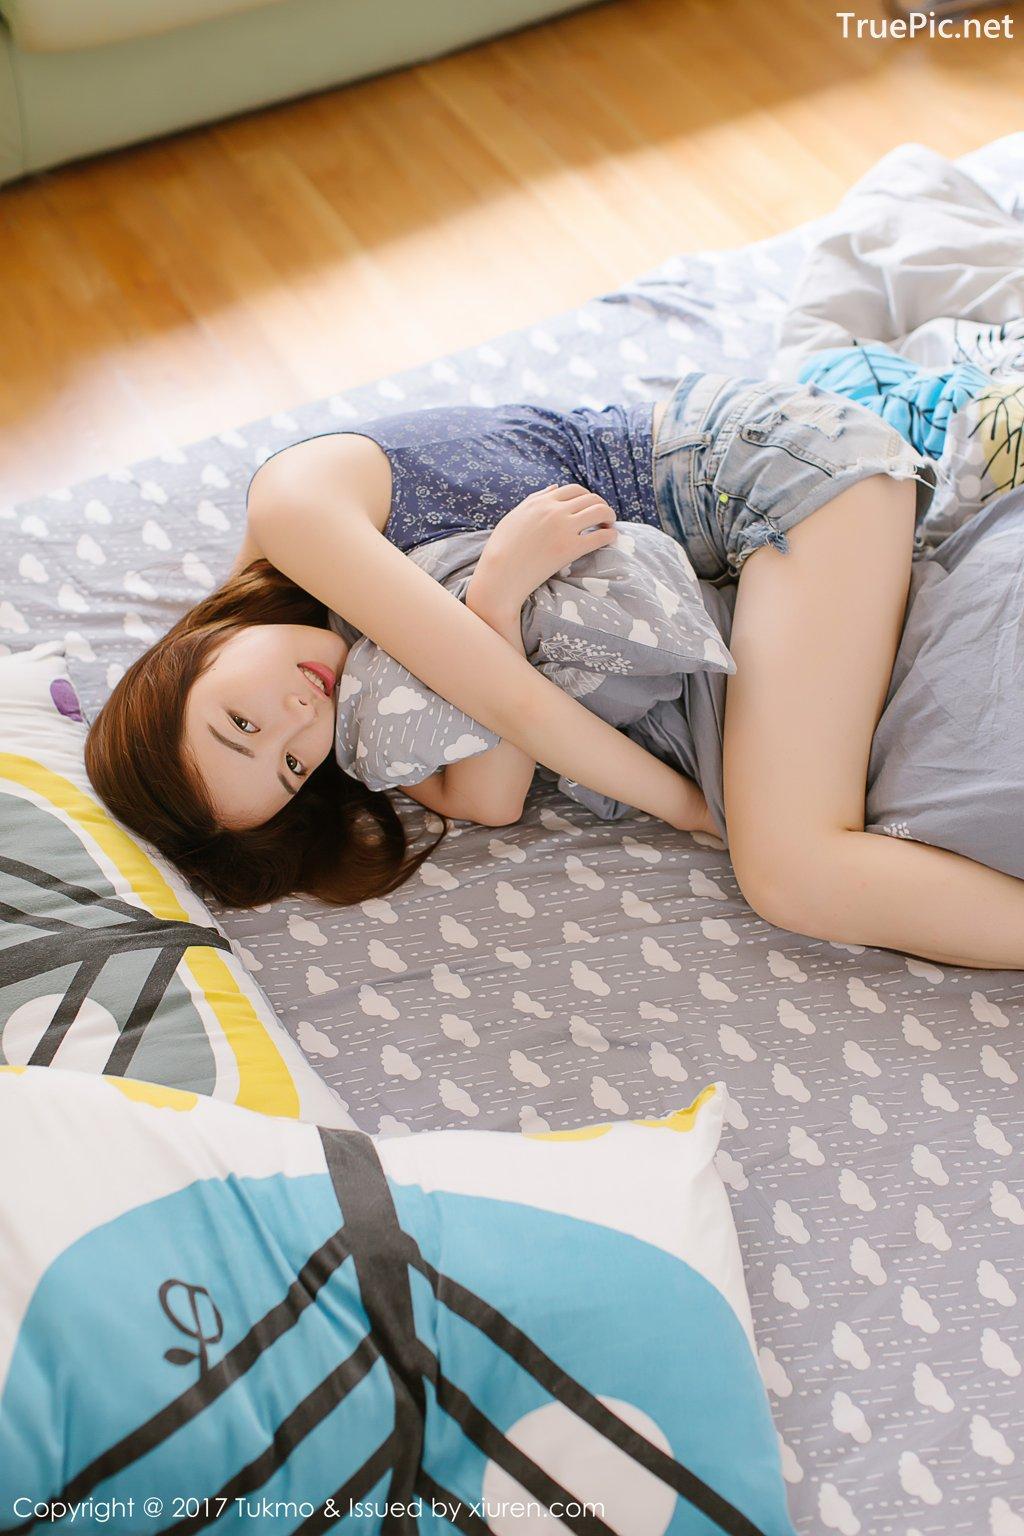 Image-Tukmo-Vol-096-Model-Mian-Mian-绵绵-Cute-Cherry-Girl-TruePic.net- Picture-3